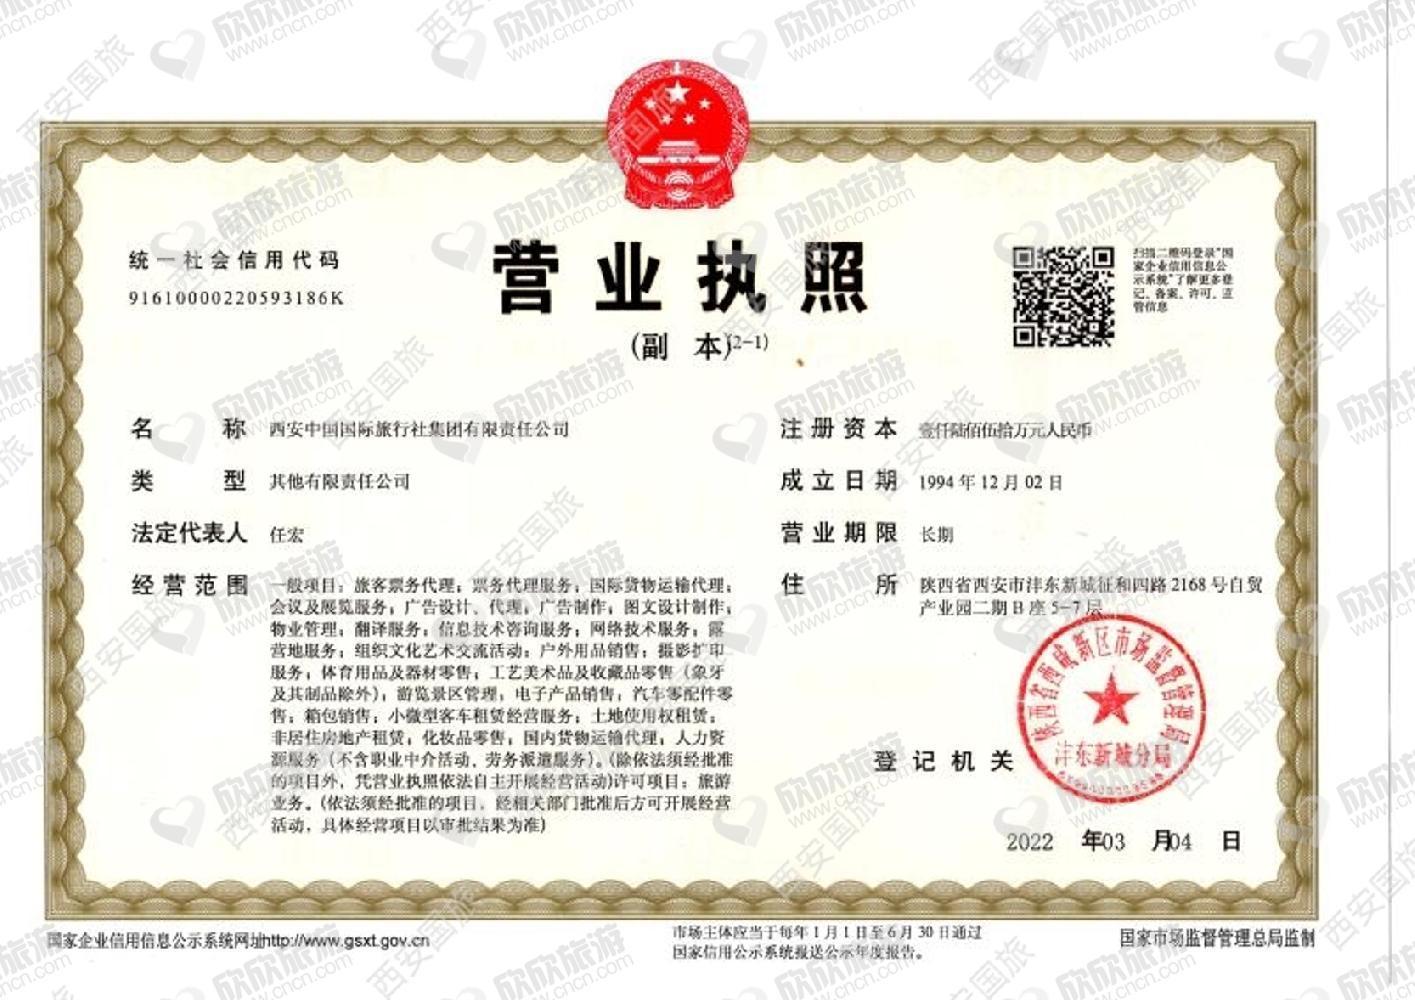 西安中国国际旅行社集团有限责任公司营业执照